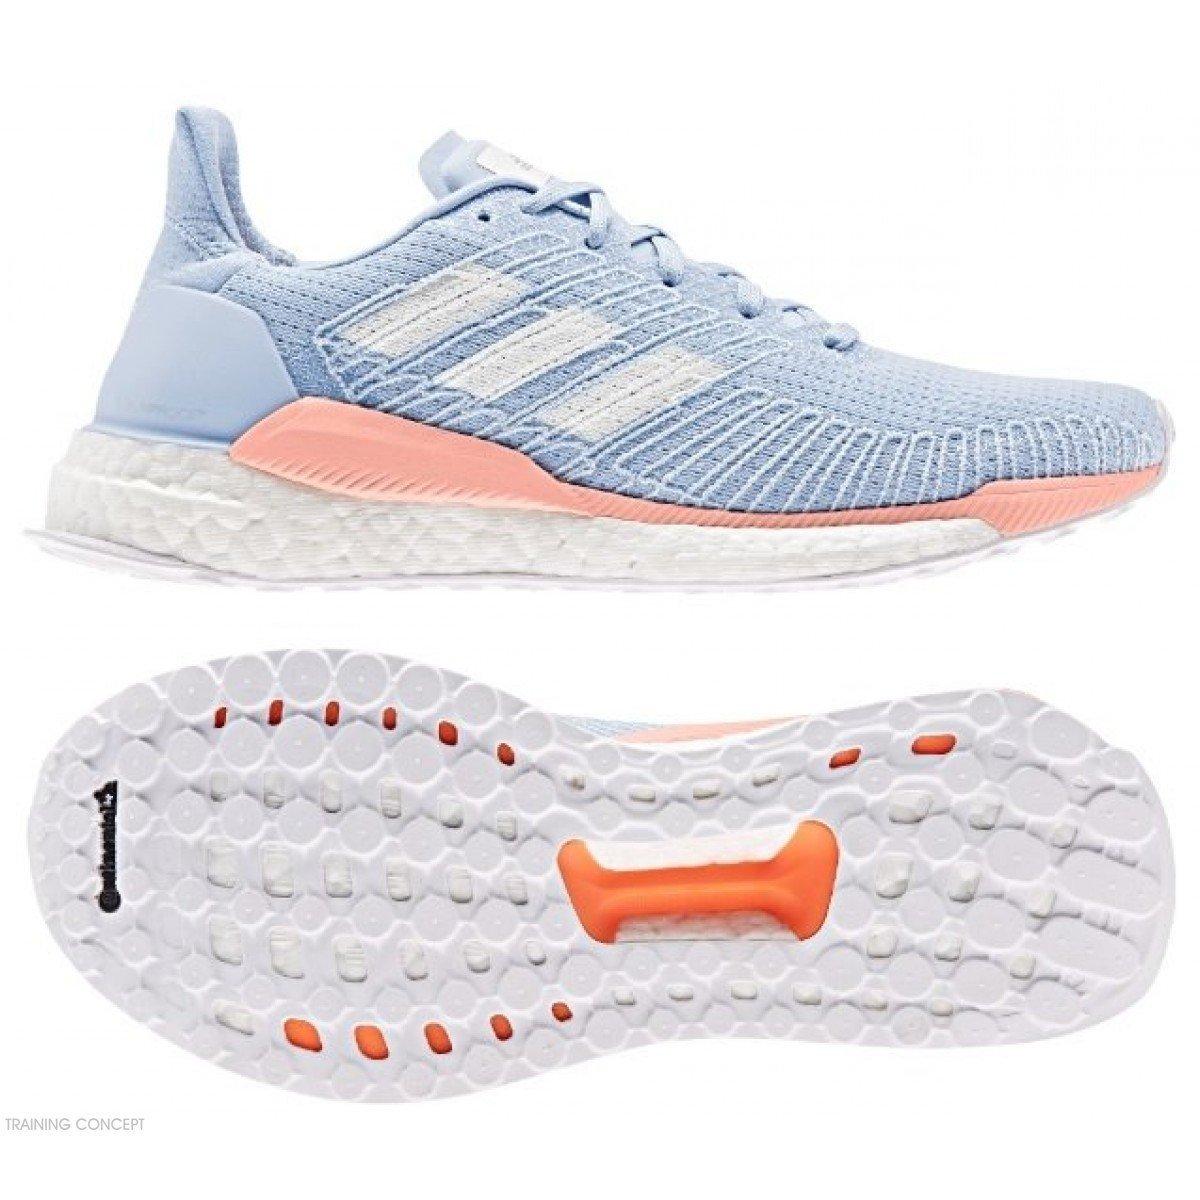 chaussures de running pour femmes adidas solar boost g28034